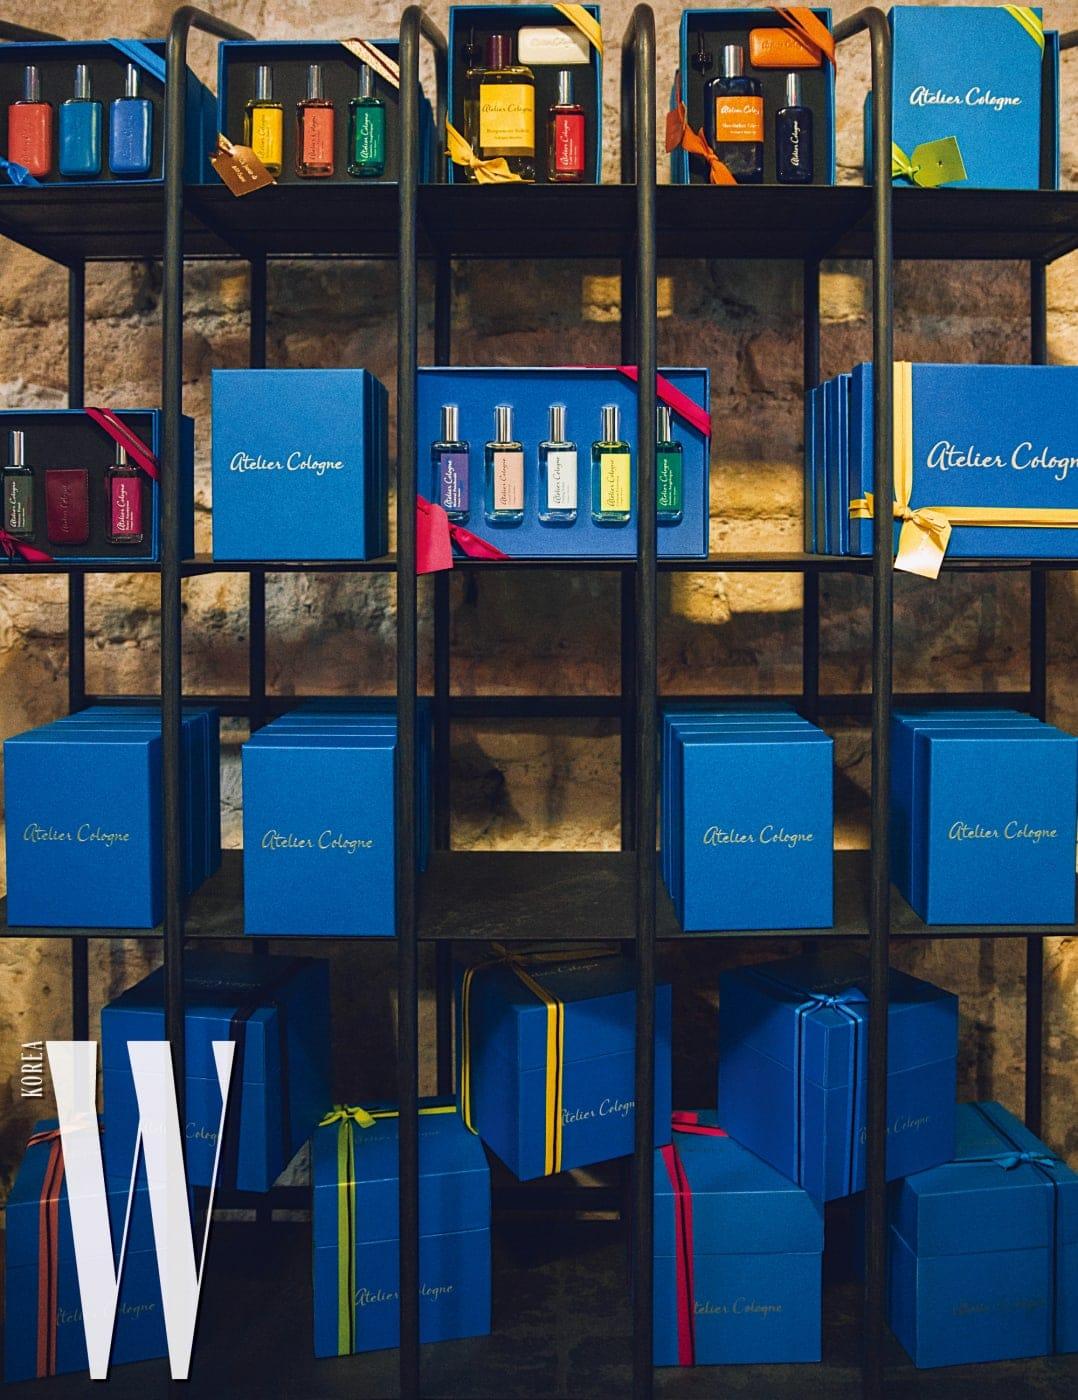 매장 한쪽에는 다양한 형태로 래핑할 수 있는 기프트 박스와 색색의 가죽 끈의 조합을 볼 수 있다.